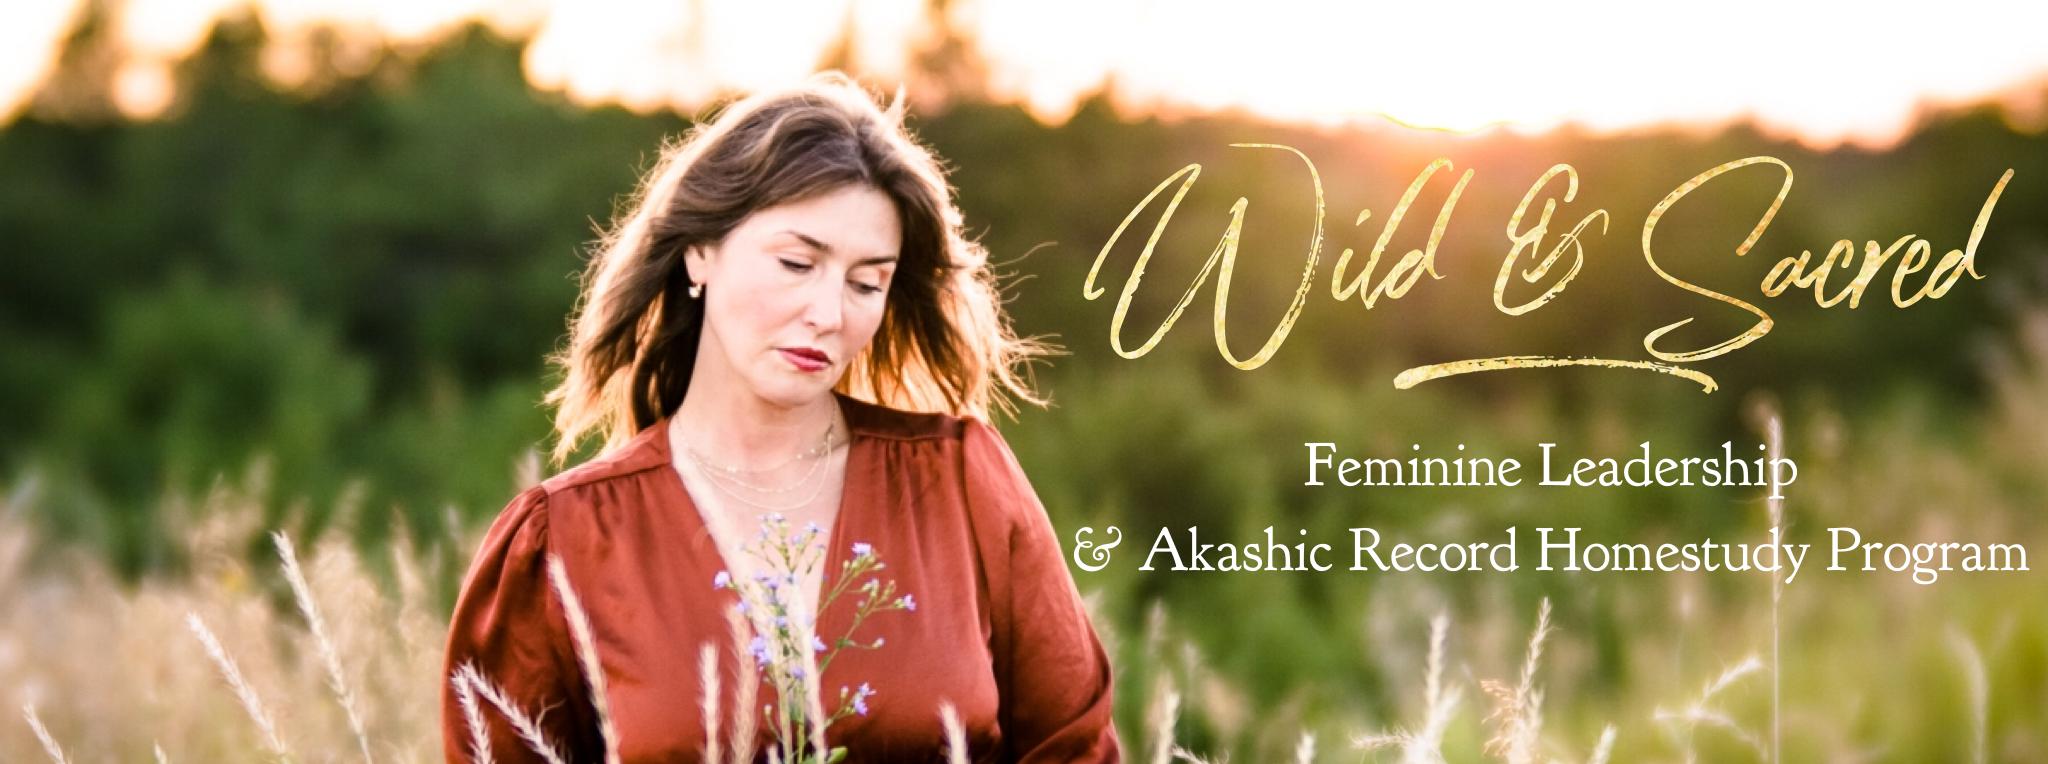 wild akasha